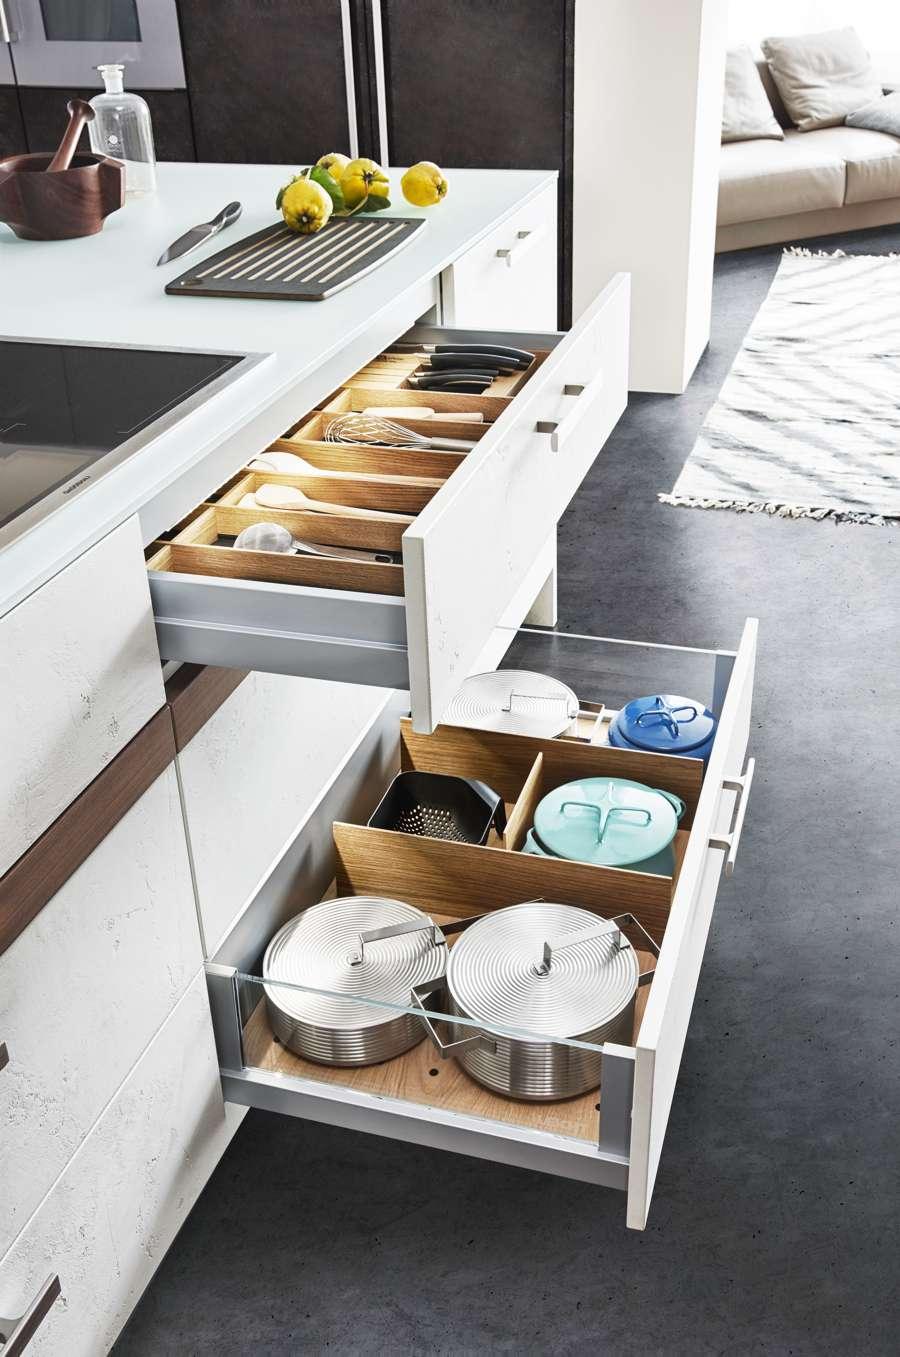 Harmonie von Küche und Wohnraum | Küchen Journal